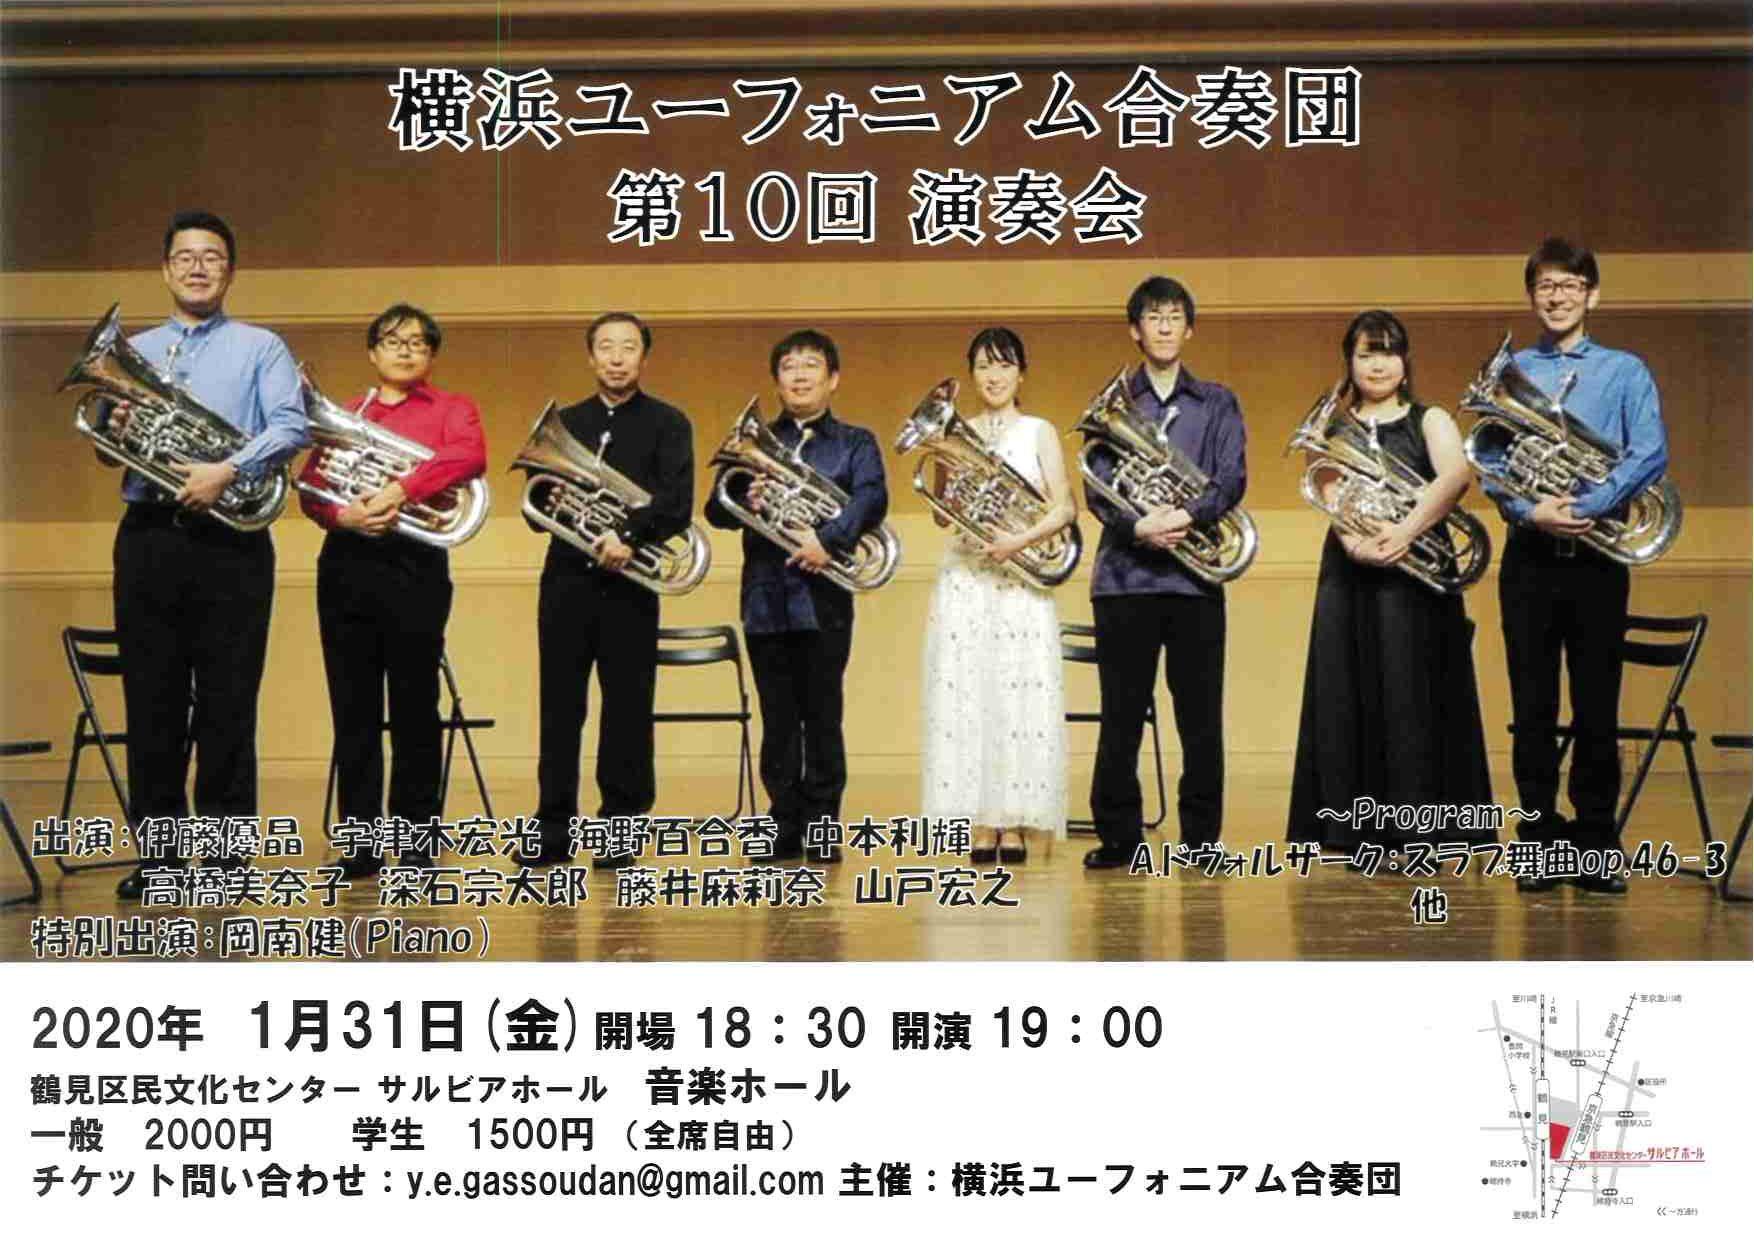 横浜ユーフォニアム合奏団 第10回 演奏会